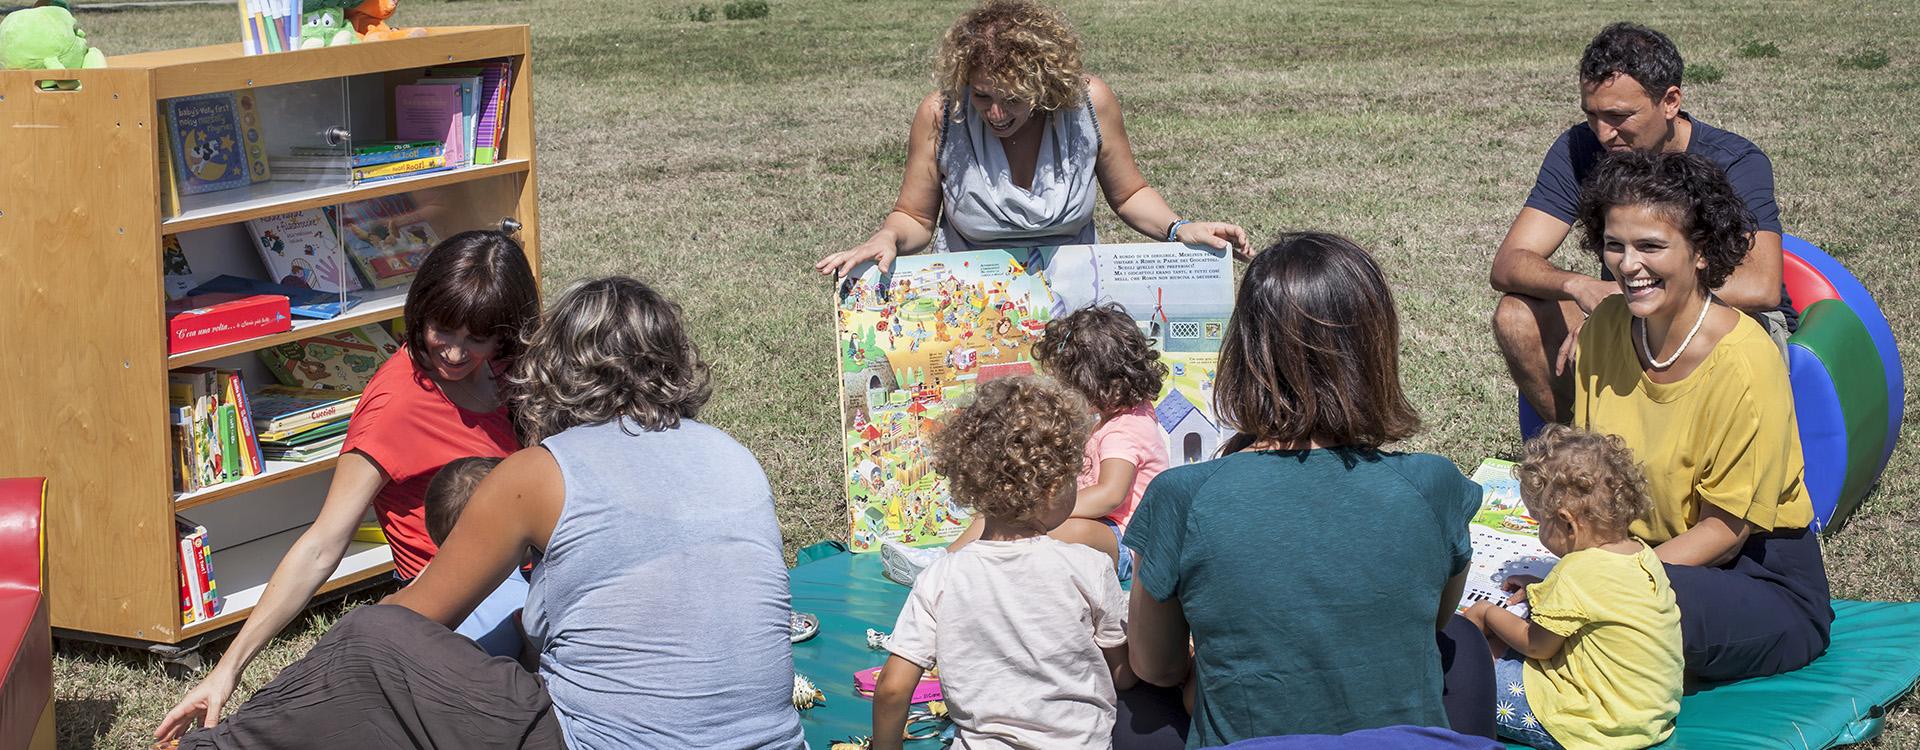 Foto: un incontro di lettura con mamme e bambini